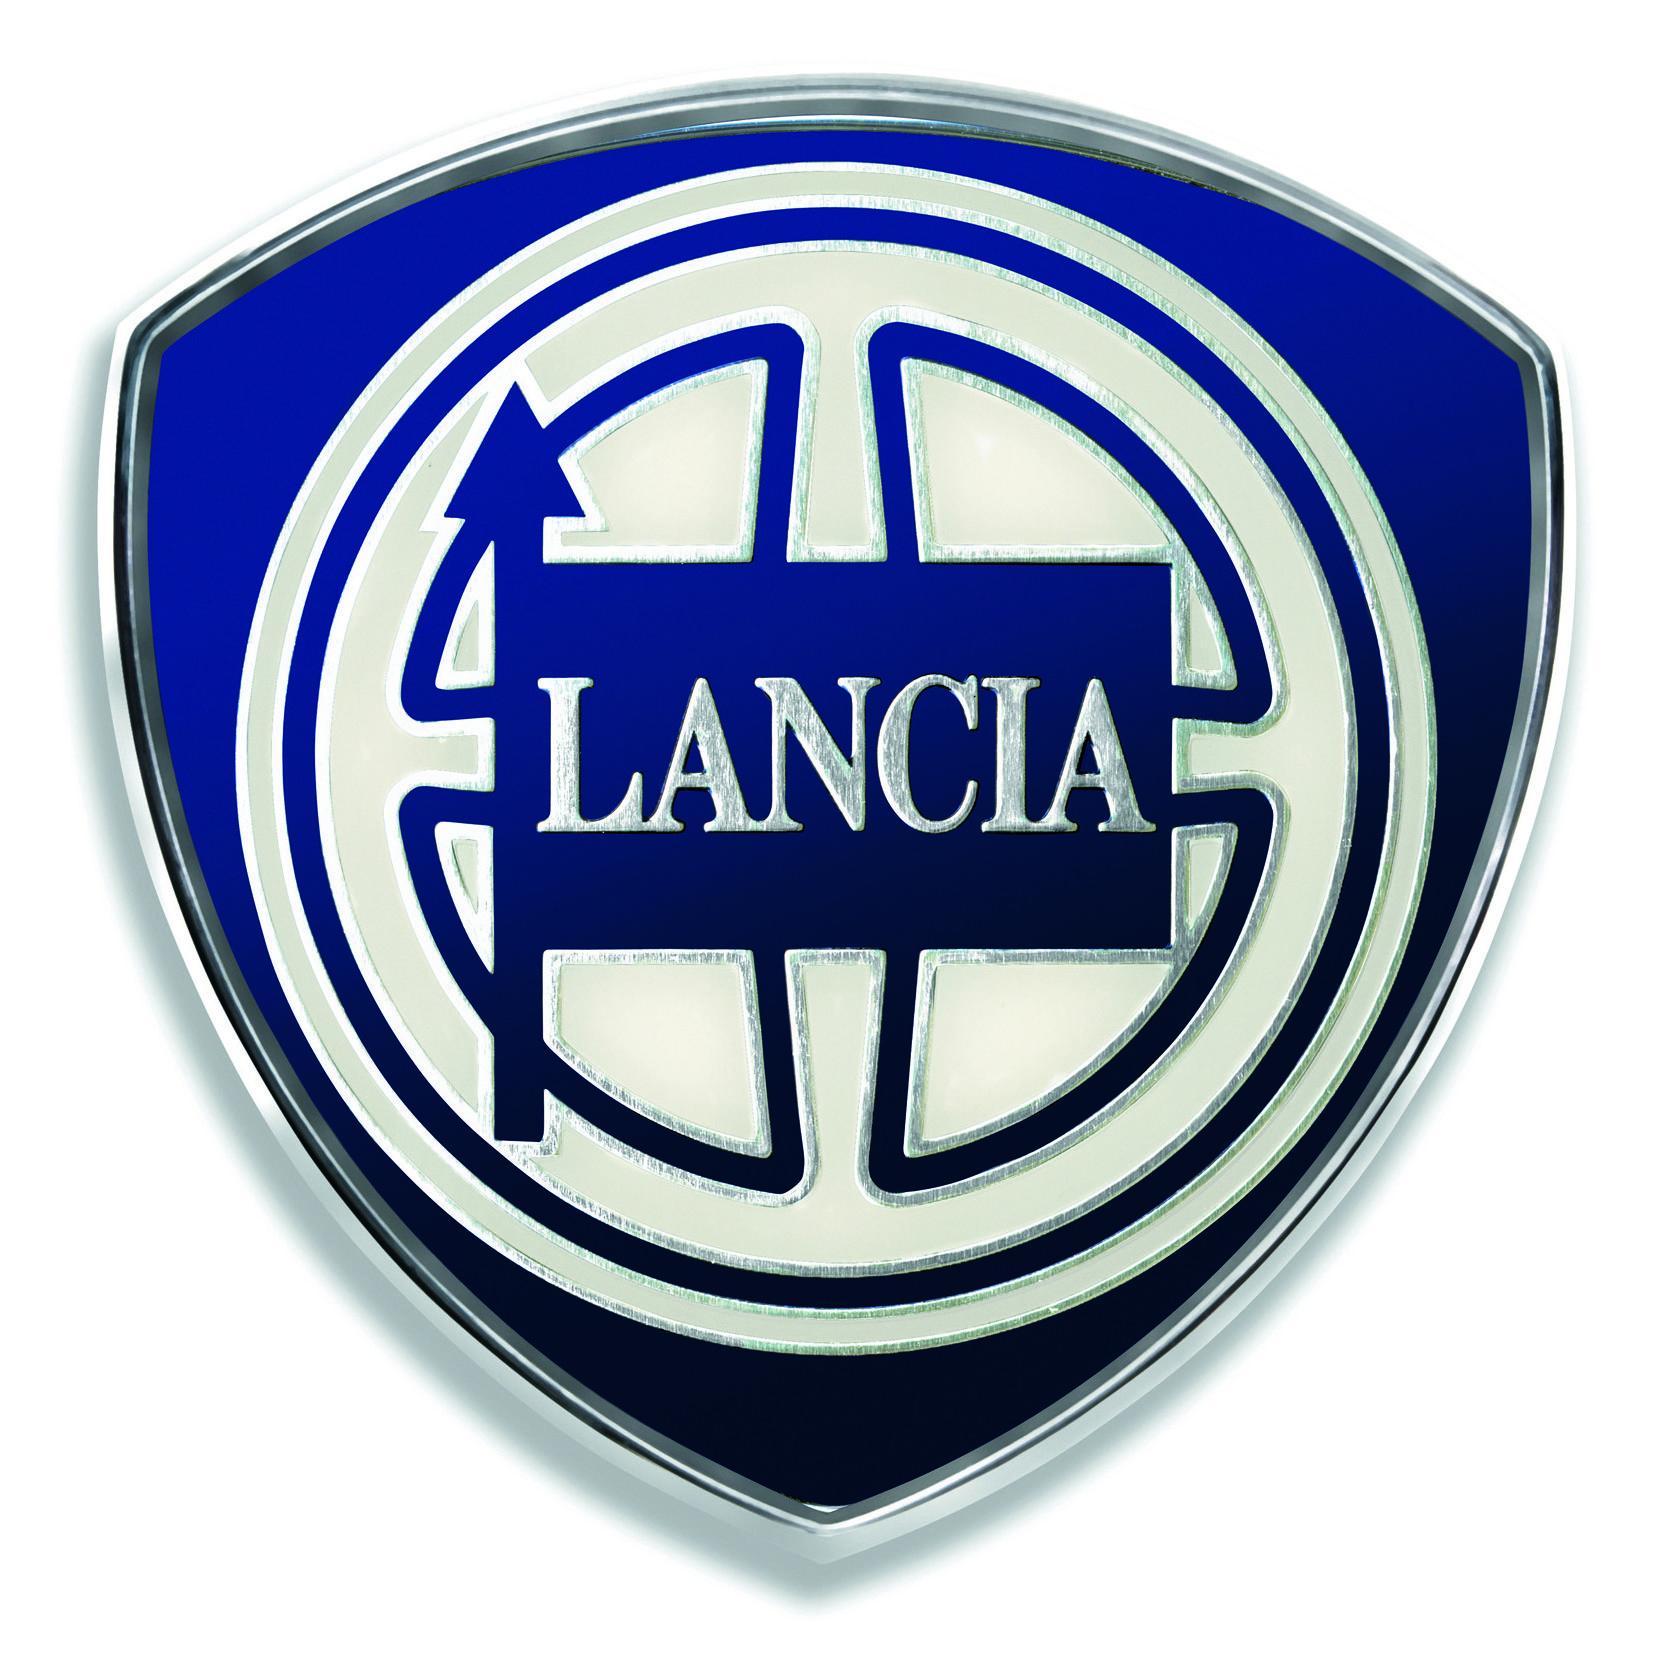 lancia logo - Sök på Google